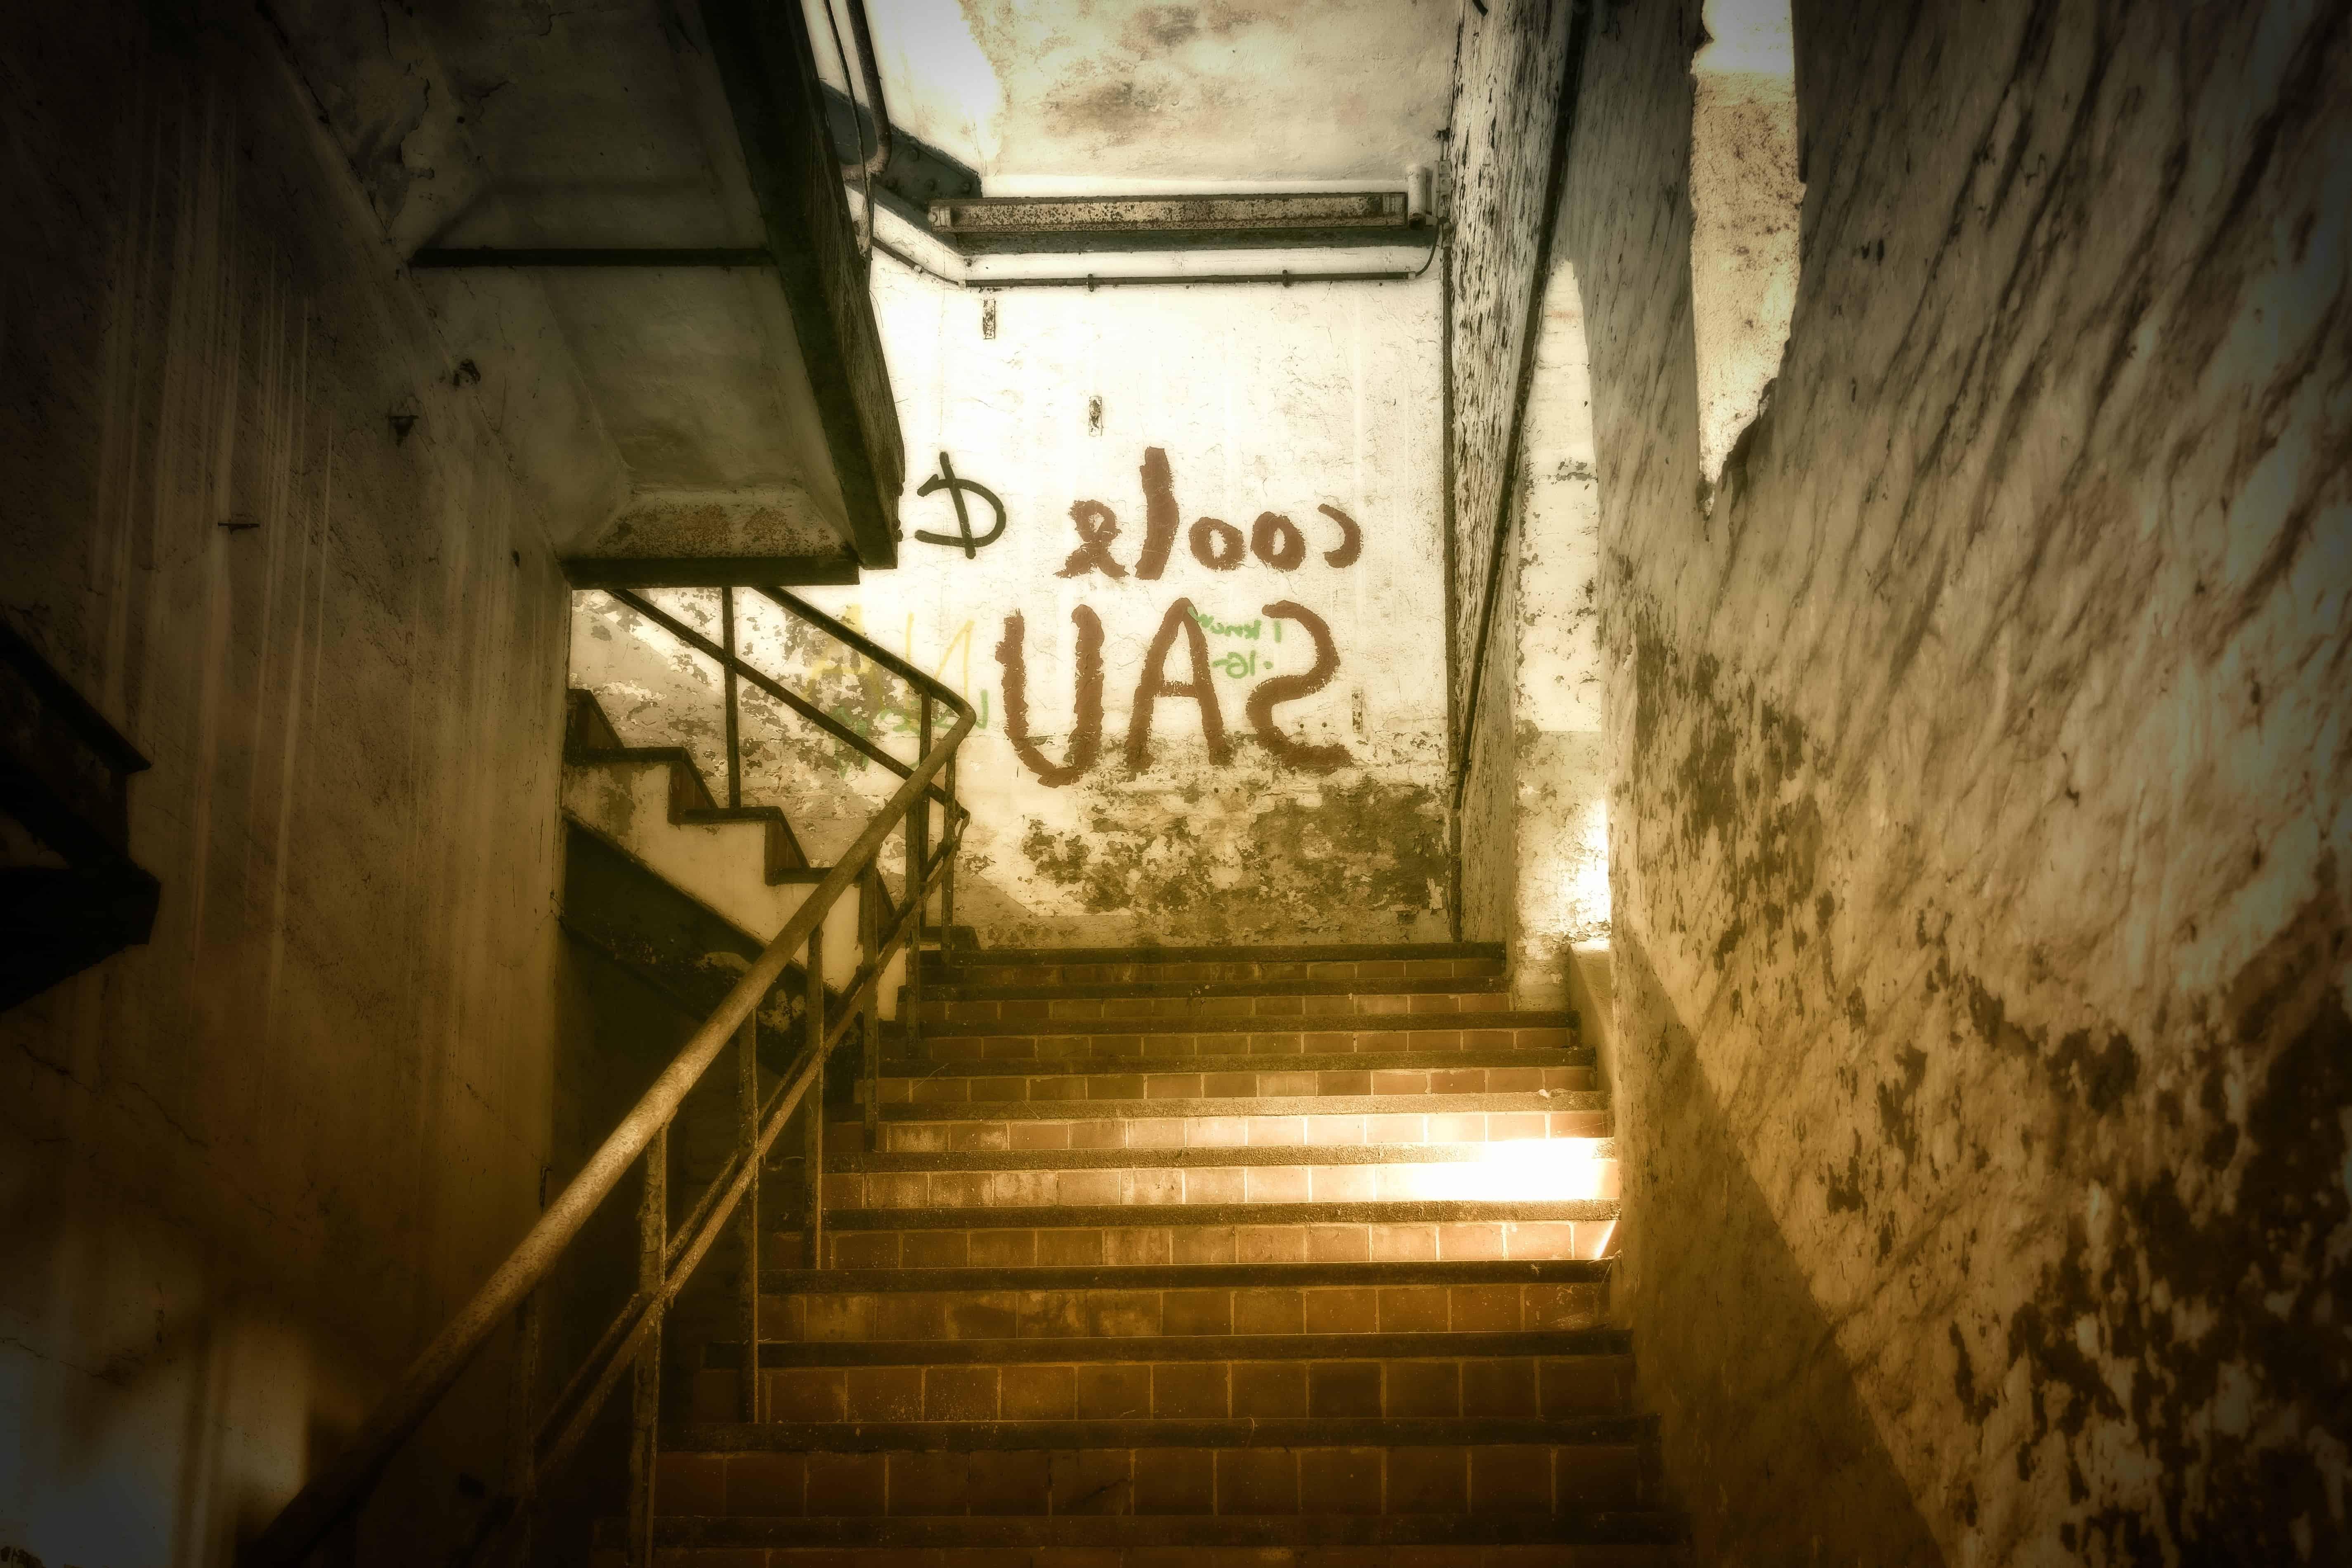 Image libre: rue, architecture, ancien, mur, escalier, graphite